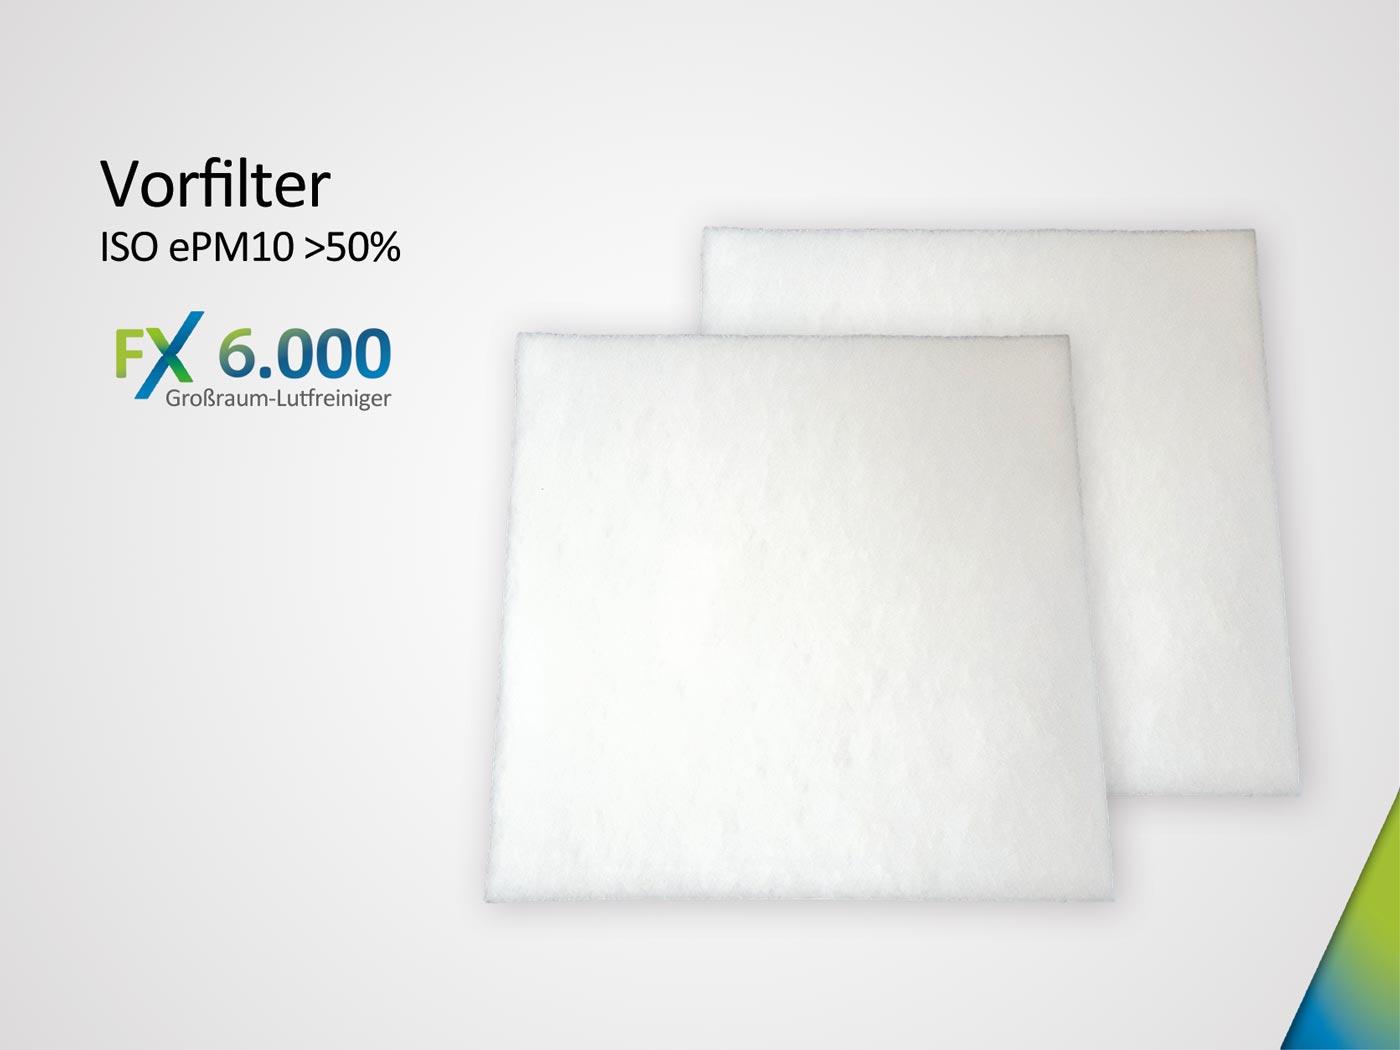 Ersatzfiltervlies für FX6.000 bestehend aus 2 x Grobstaubfilter ISO ePM10 > 50%